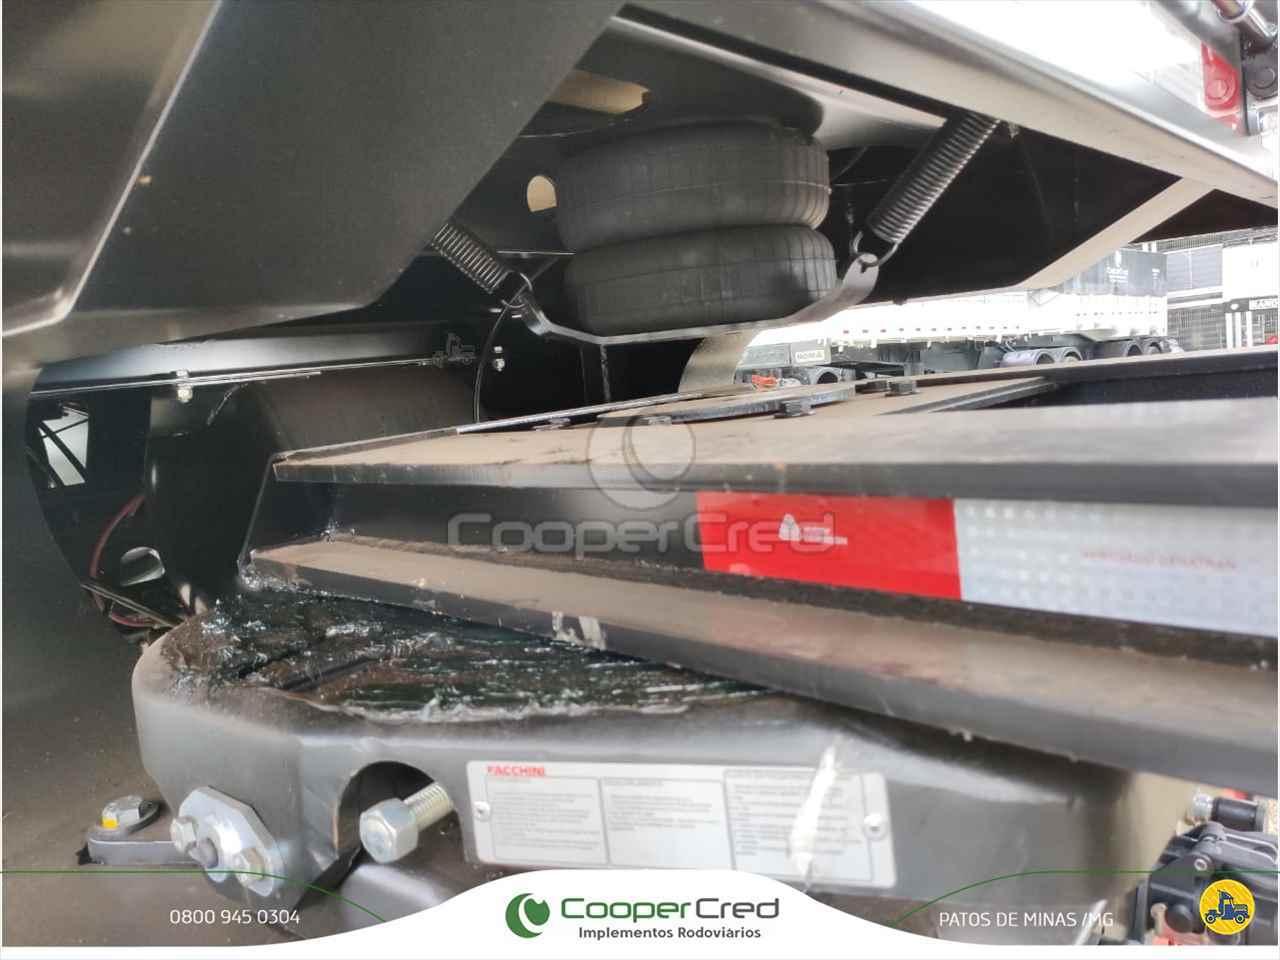 RODOTREM GRANELEIRO  2021/2021 Cooper Cred Implementos Rodoviários MG